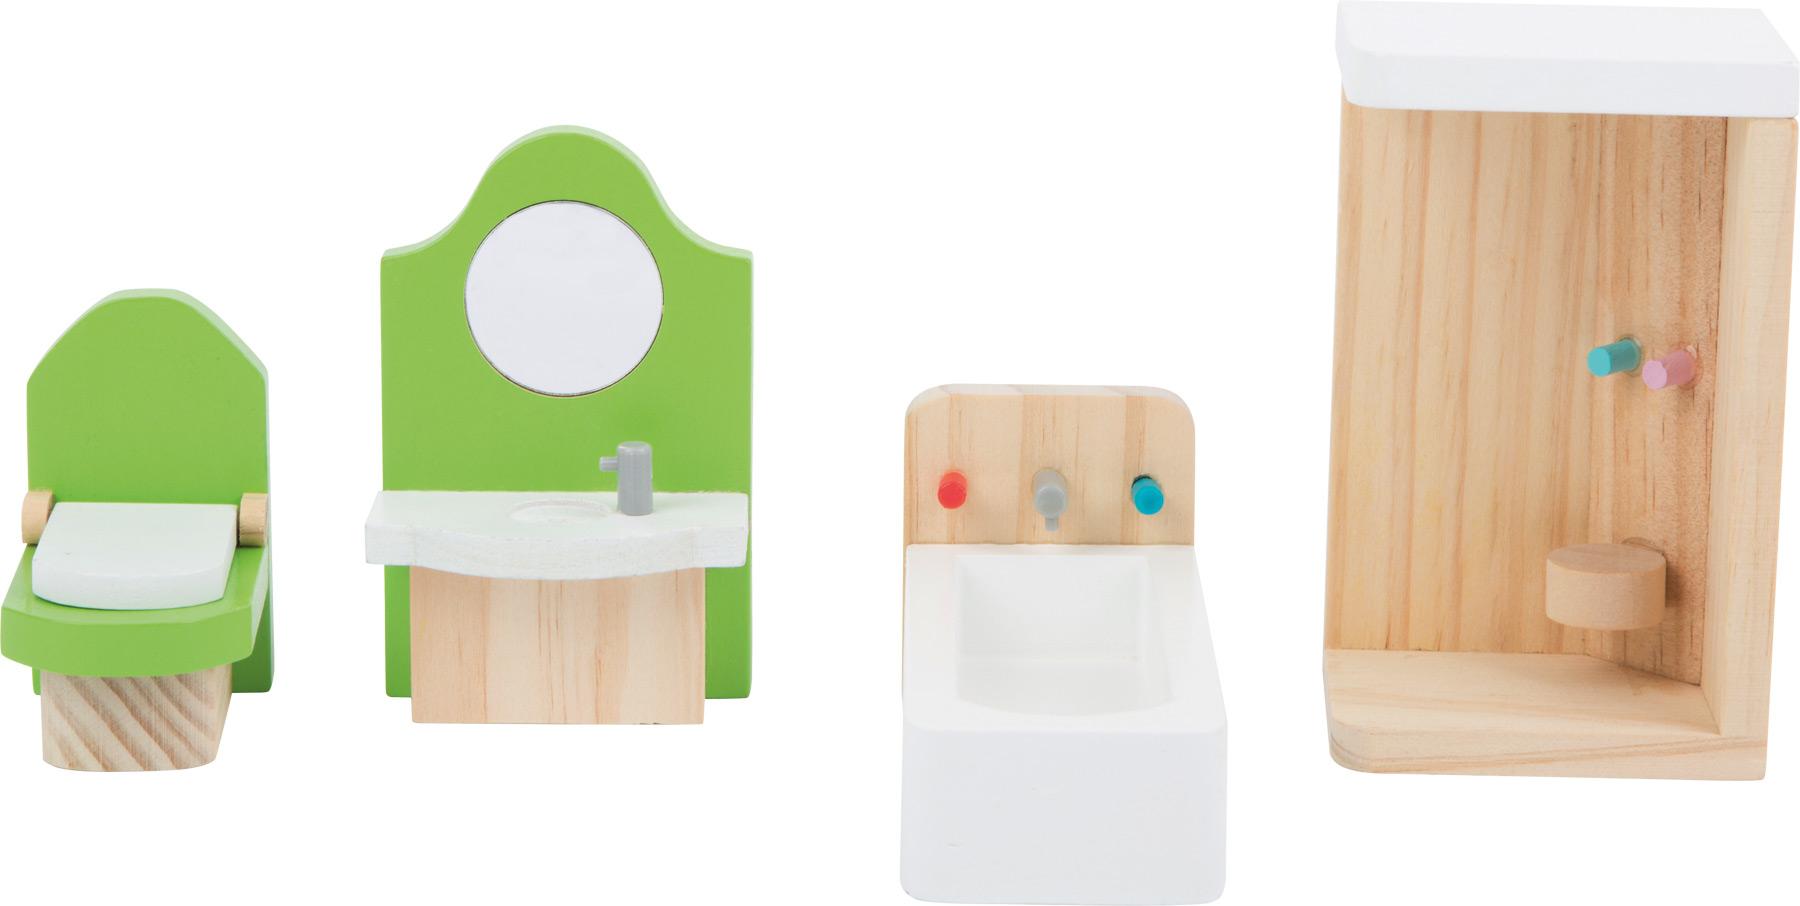 Mobili Per Casa Delle Bambole : Mobili per la casa delle bambole bagno mobili per le case delle